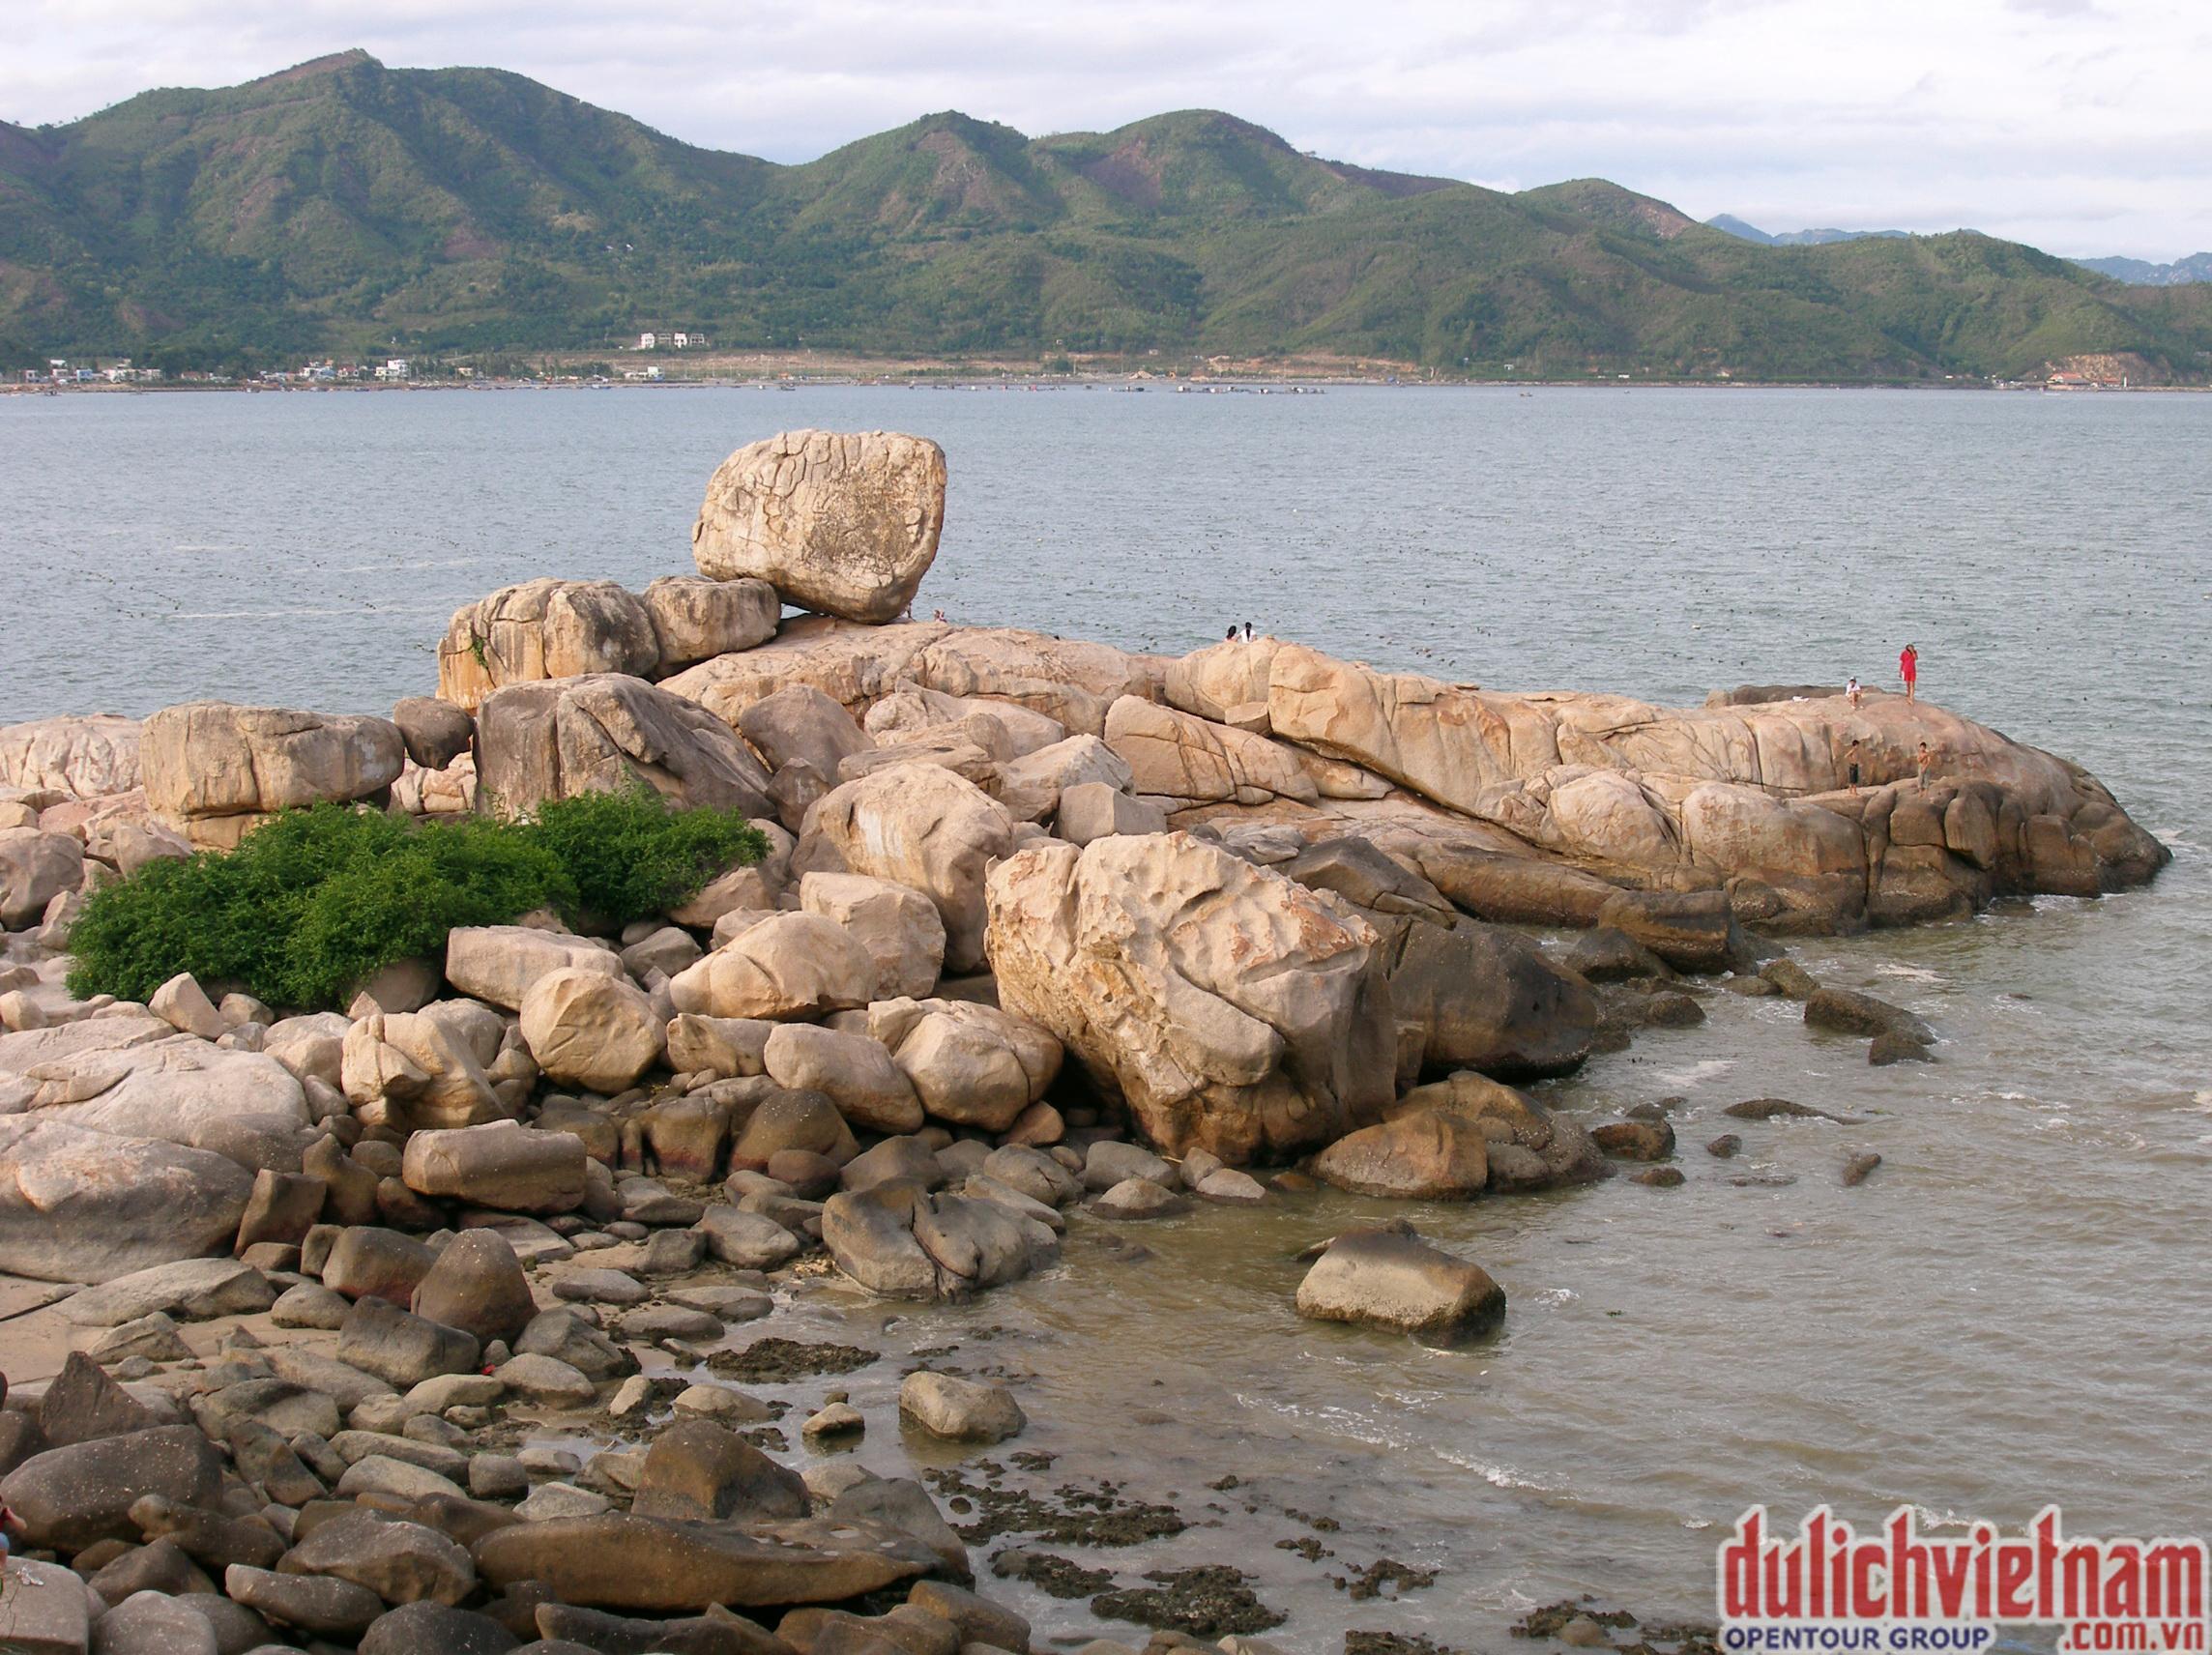 Vẻ đẹp hoang sơ của Hòn Chồng tại Nha Trang